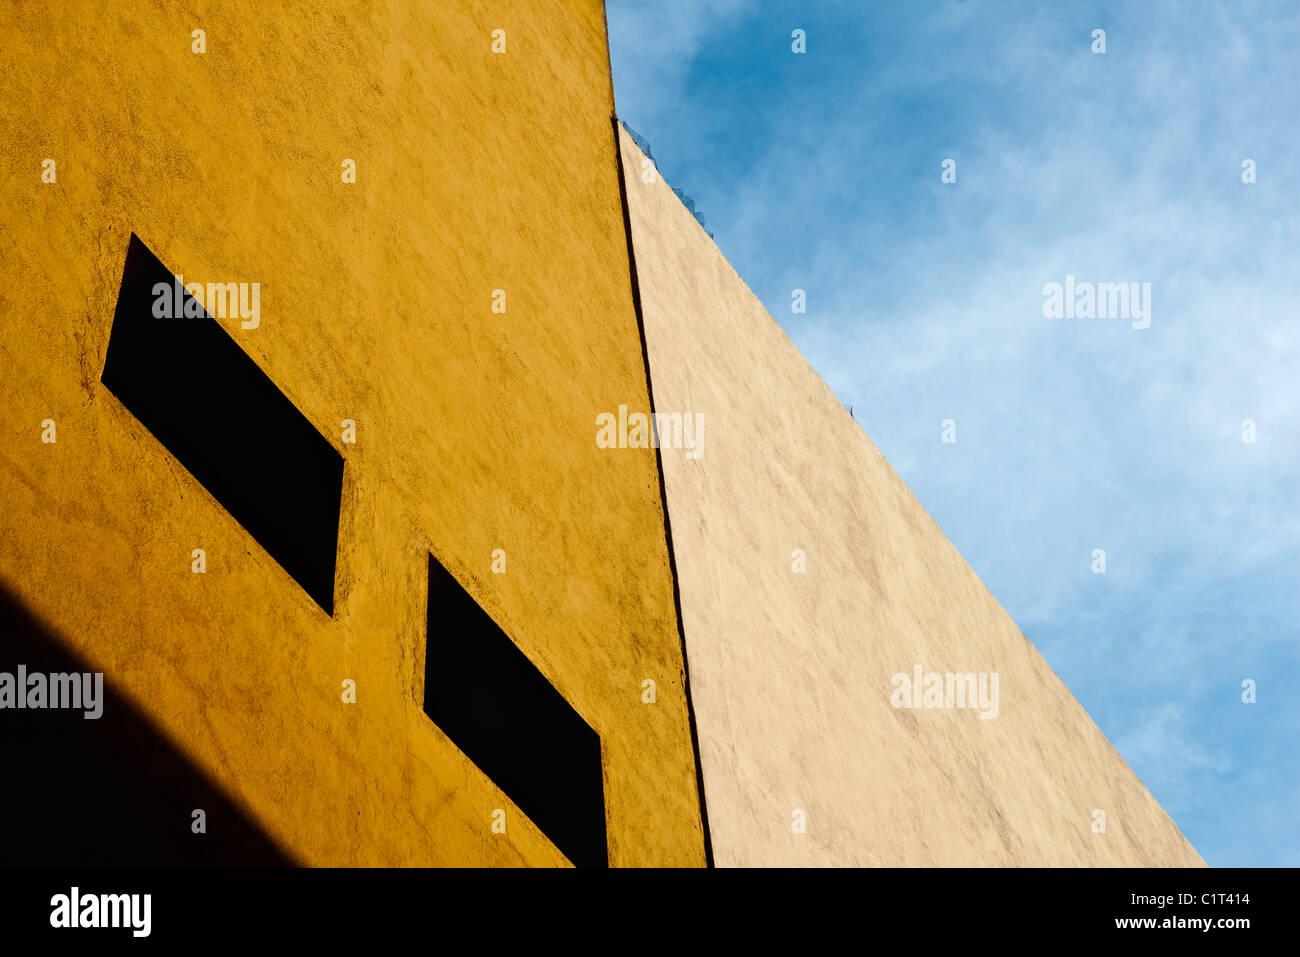 Building facade, cropped Stock Photo